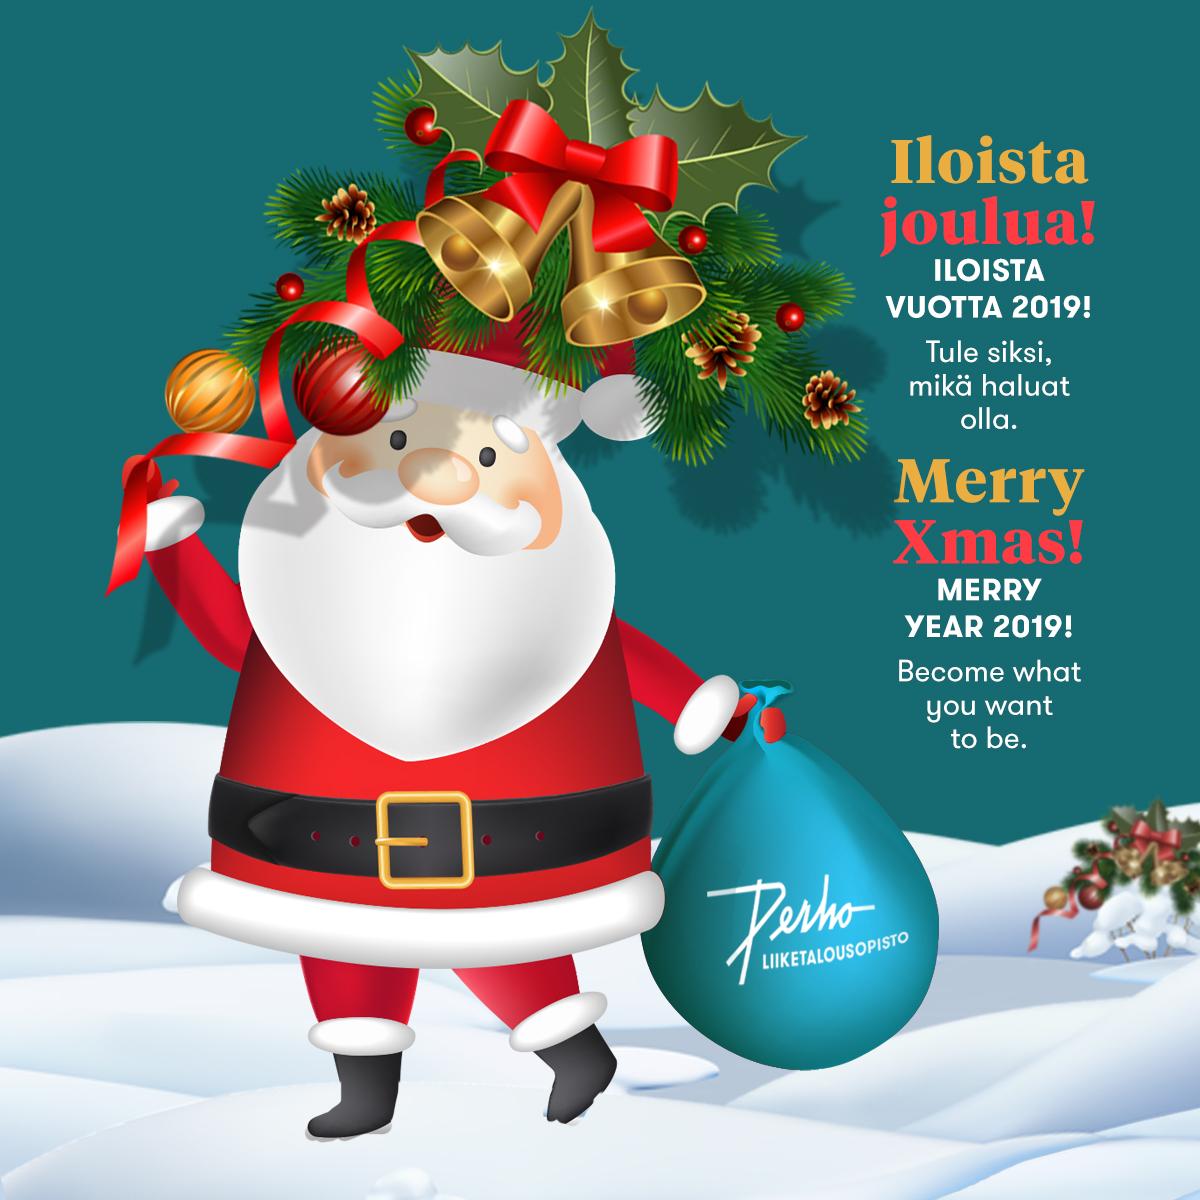 Iloista joulua – Merry Christmas!